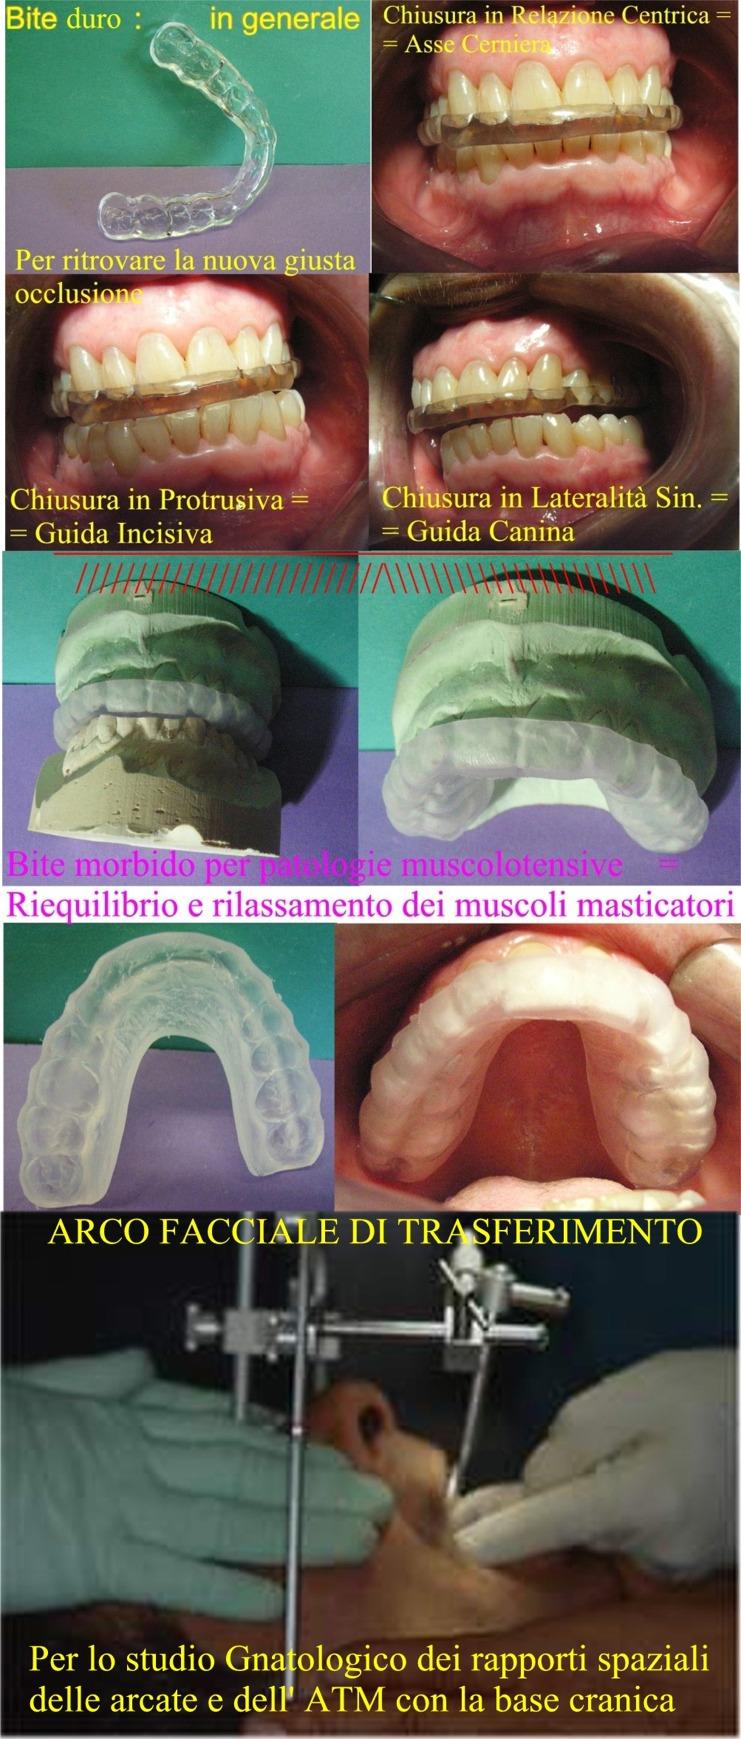 Diversi tipi di Bite e arco facciale per rilevare la posizione spaziale della base cranica in Gnatologia.Da Dr. Gustavo Petti di Cagliari